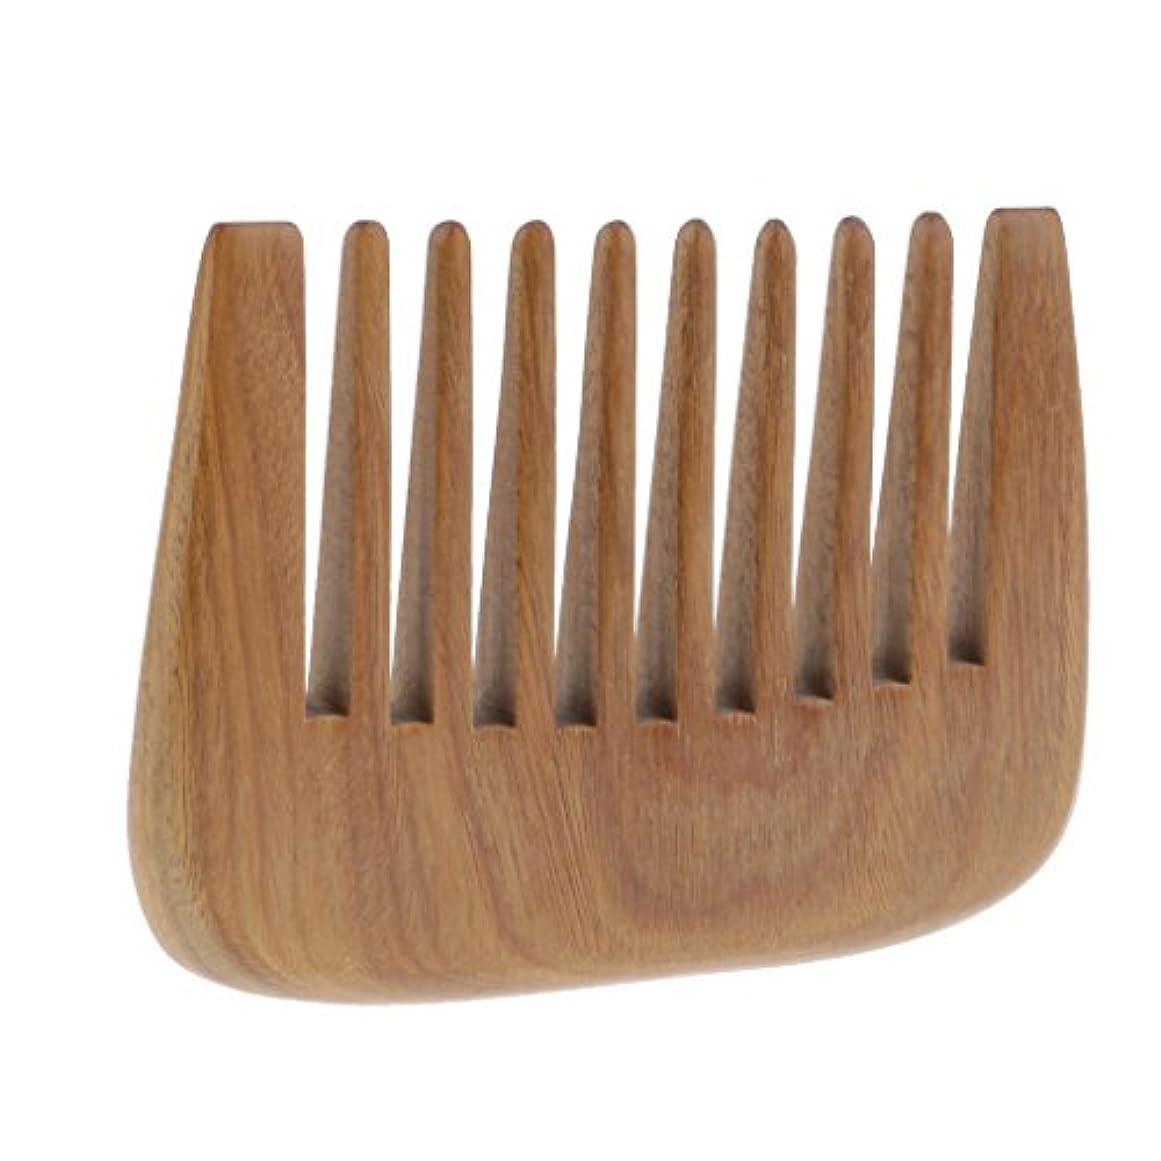 作物優勢イーウェルグリーンサンダルウッドのひげの櫛 - 広い歯ポケット櫛 - いいえ男性&女性のための静的ナチュラルアロマ木製グルーミングコーム